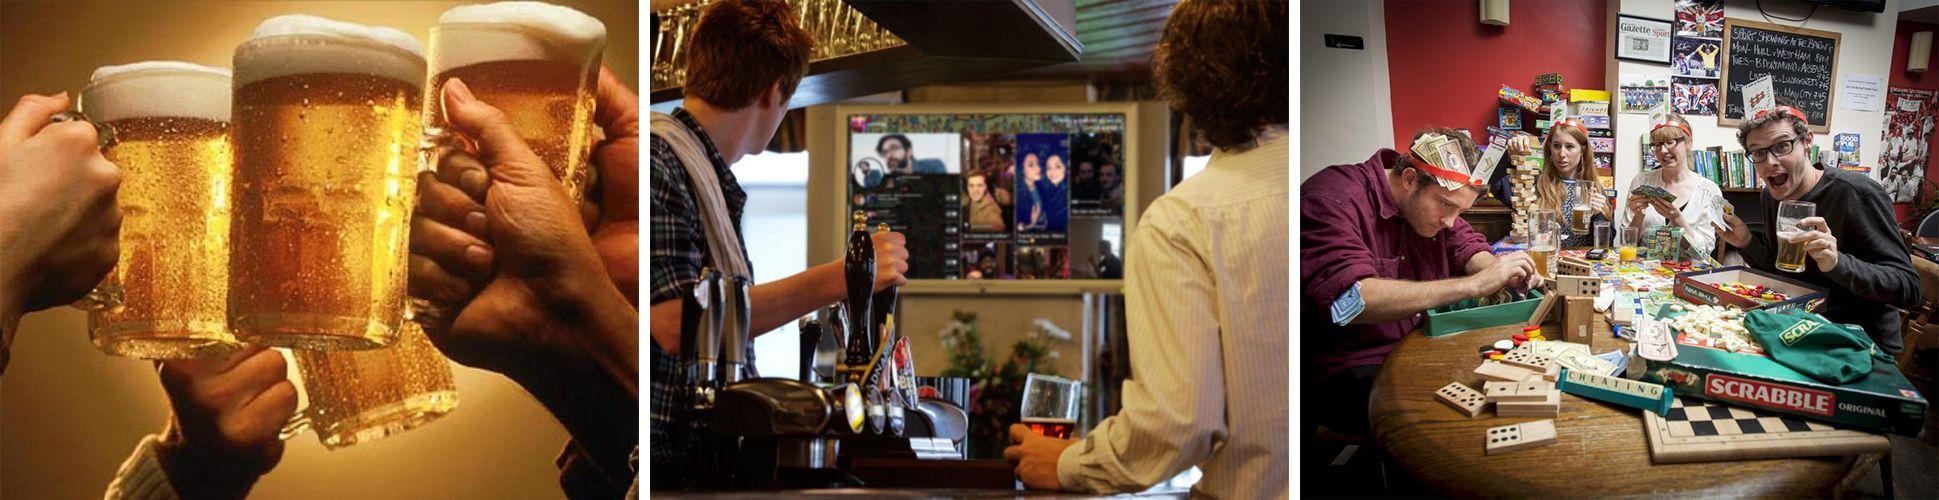 12 Astuces en or pour que vos clients restent plus longtemps dans votre bar